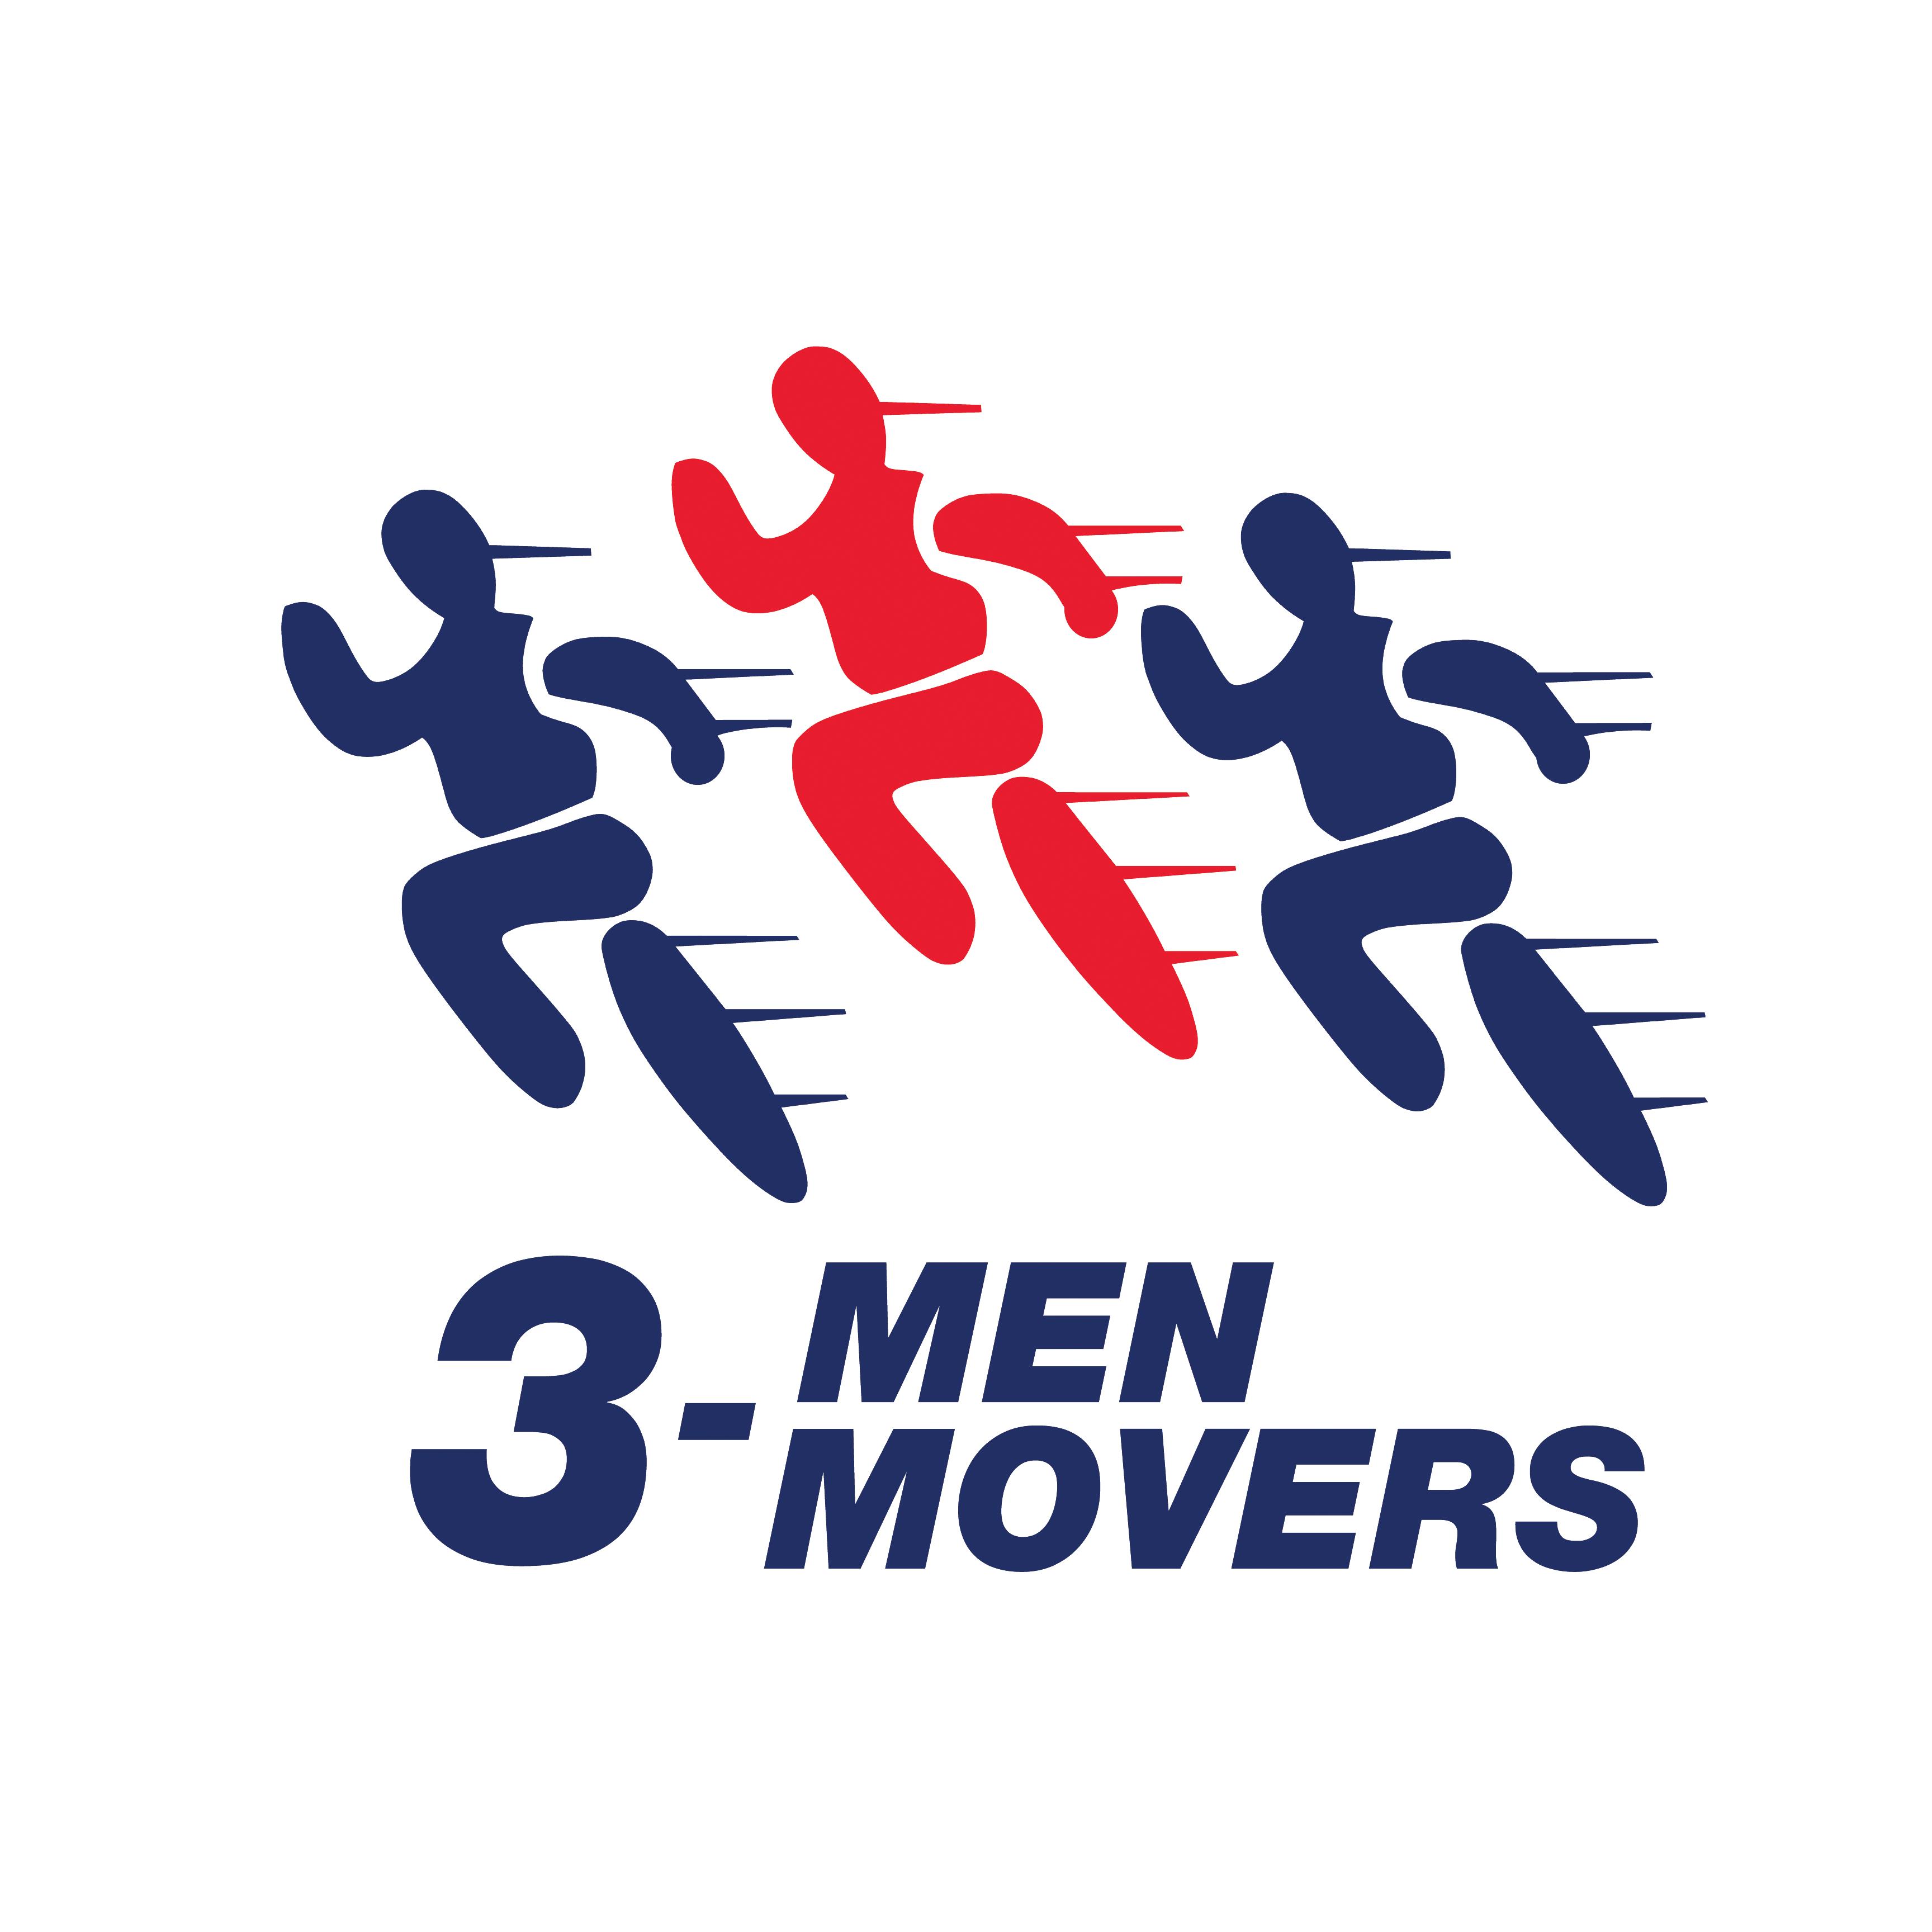 3 Men Movers - San Antonio Logo